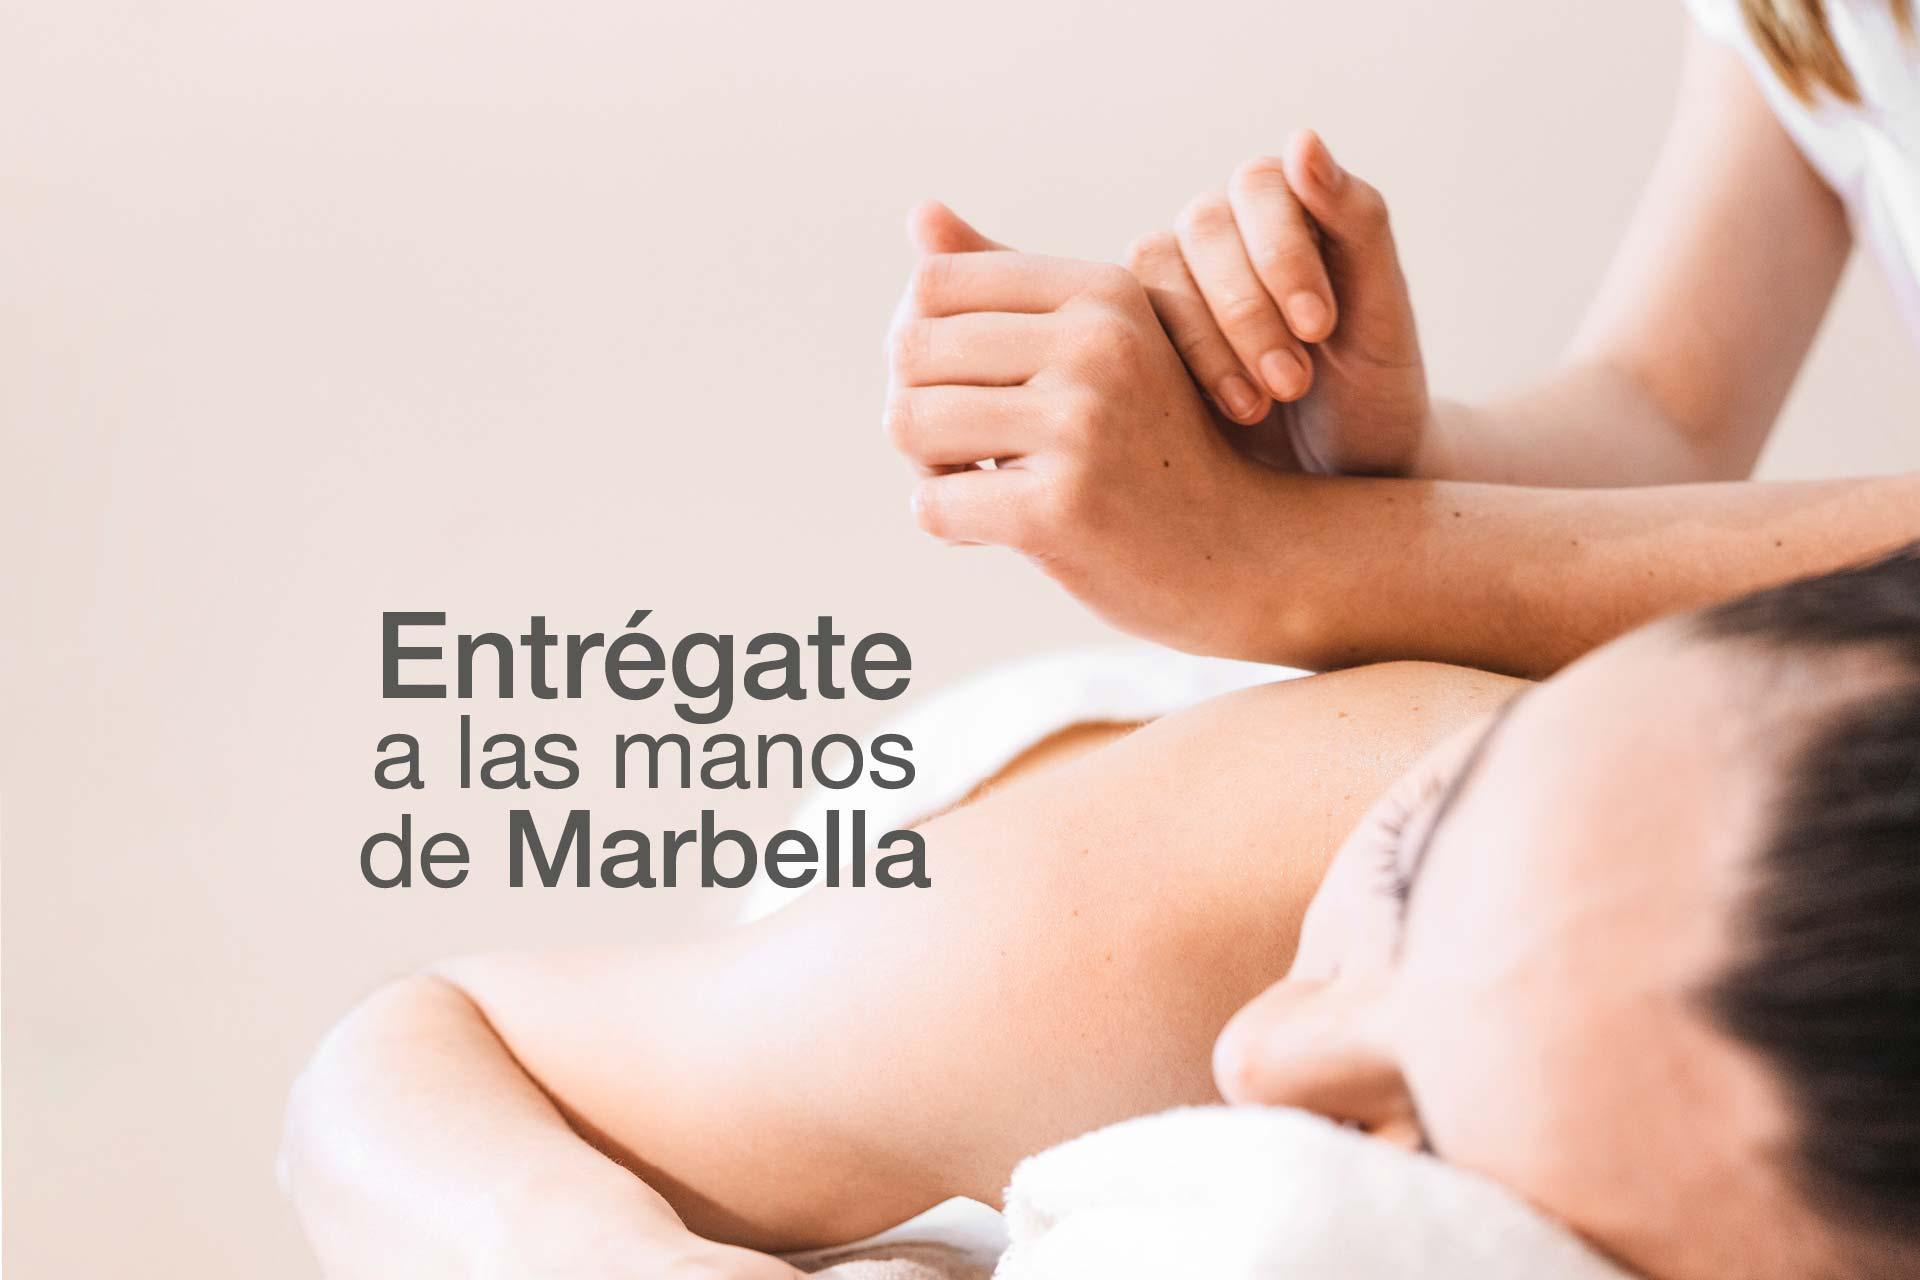 Entrégate a las manos de Marbella